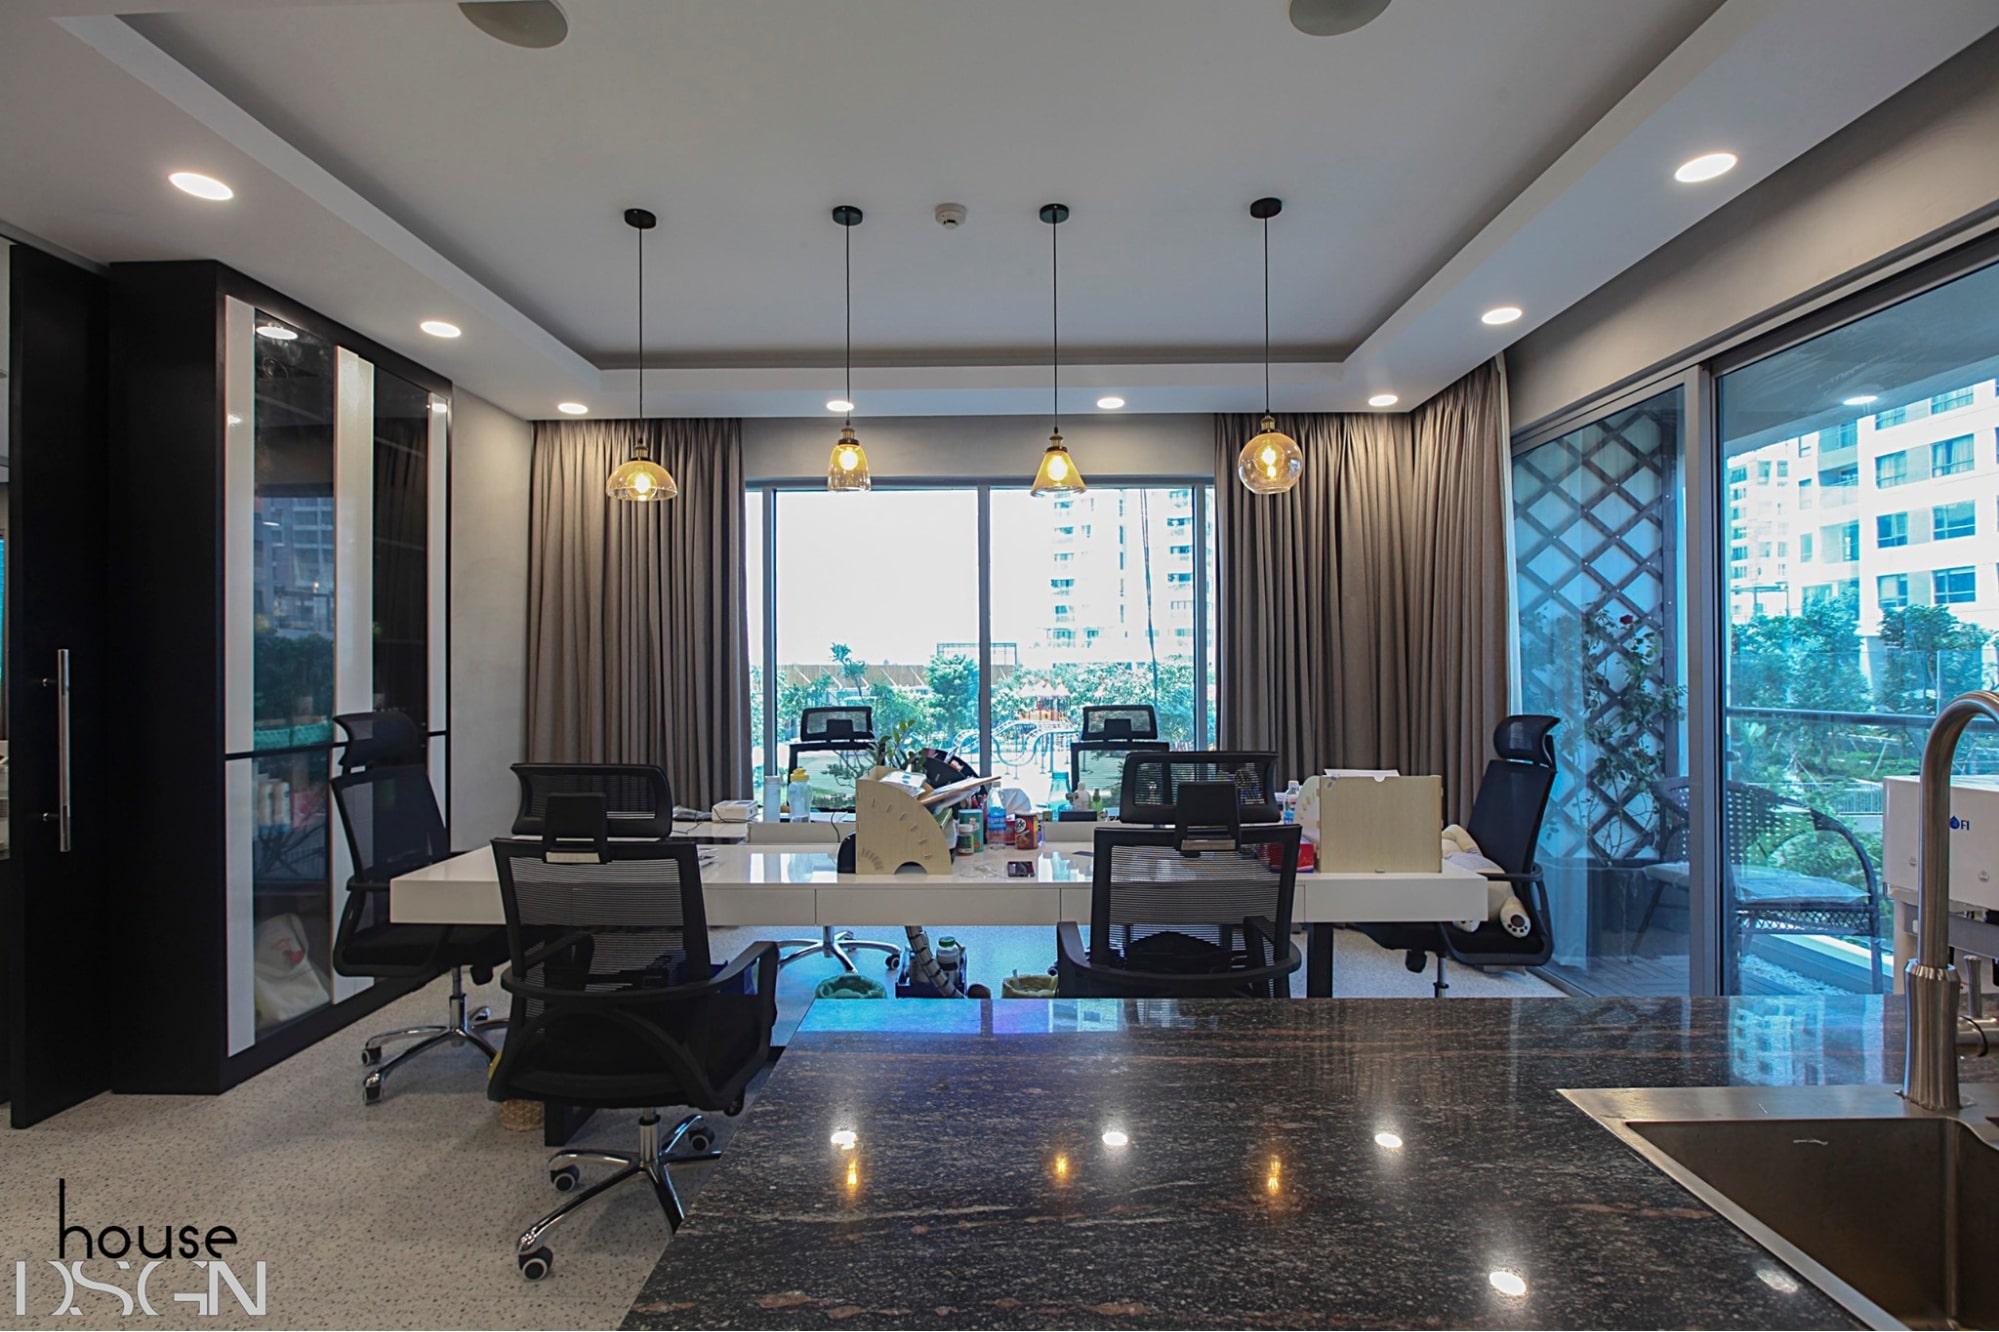 thiết kế và thi công văn phòng tiện nghi